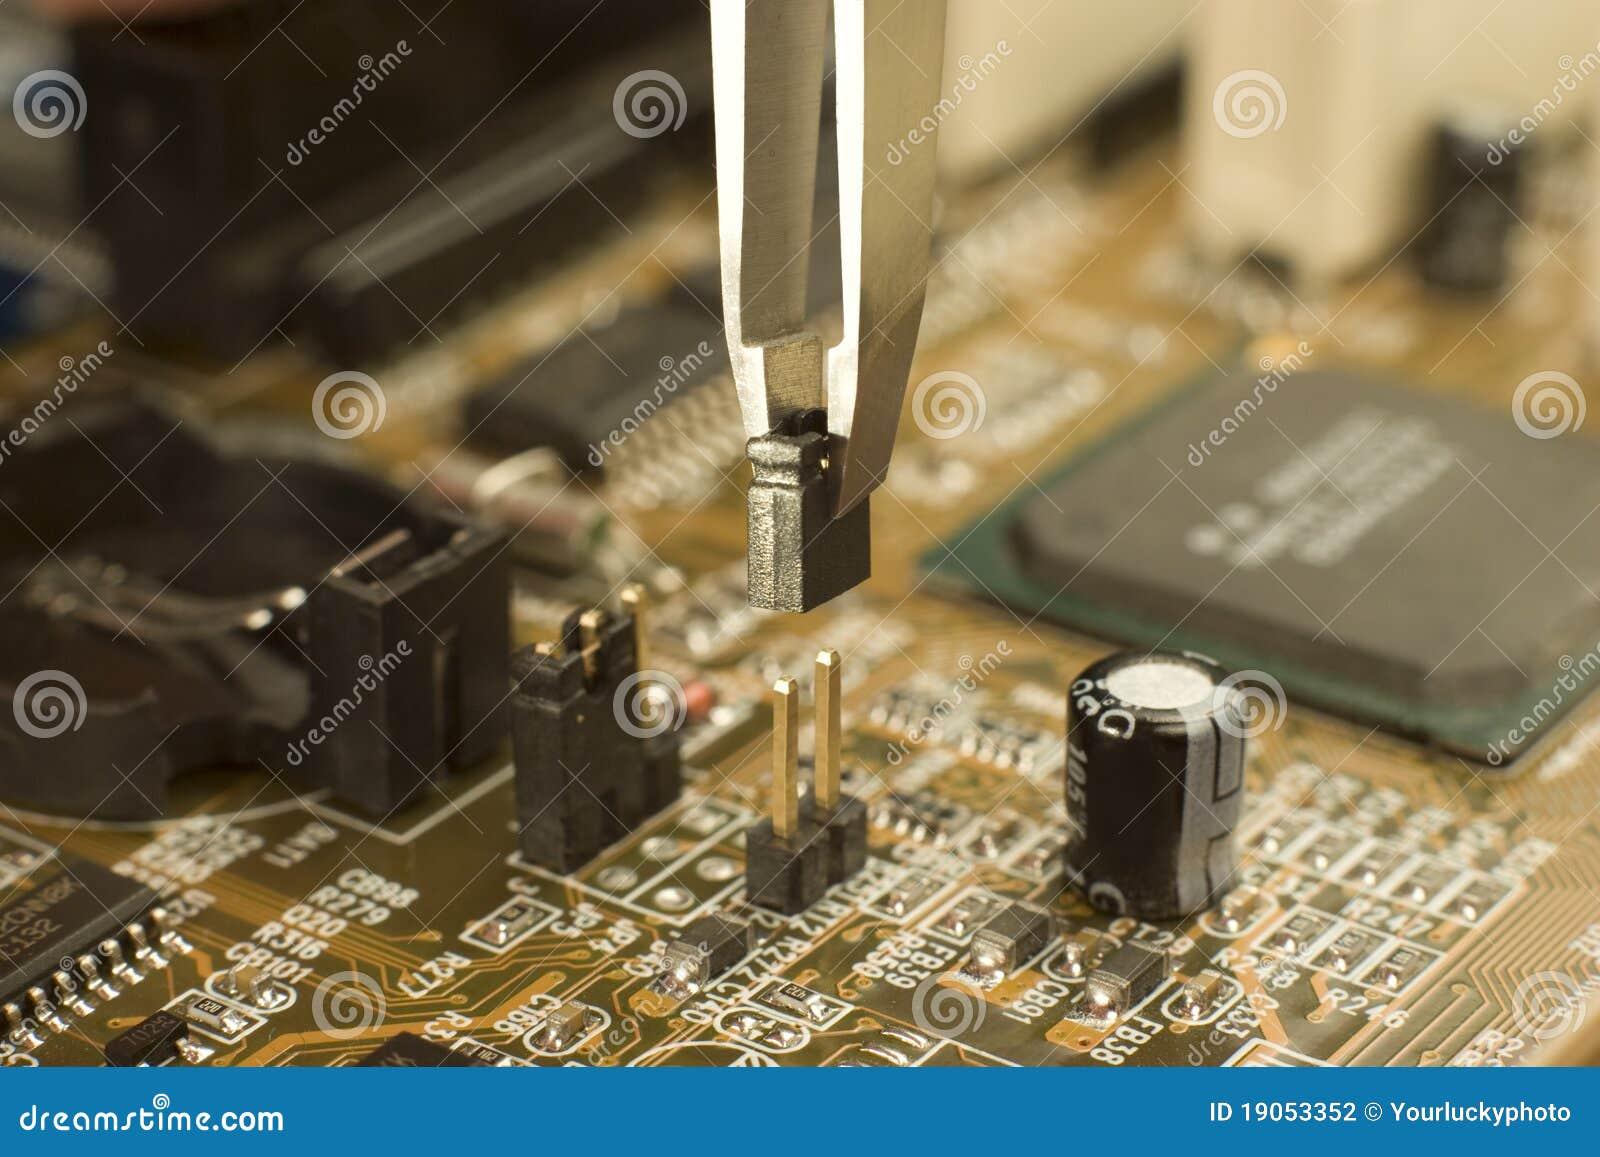 Poner el puente eléctrico en contactos de la placa madre